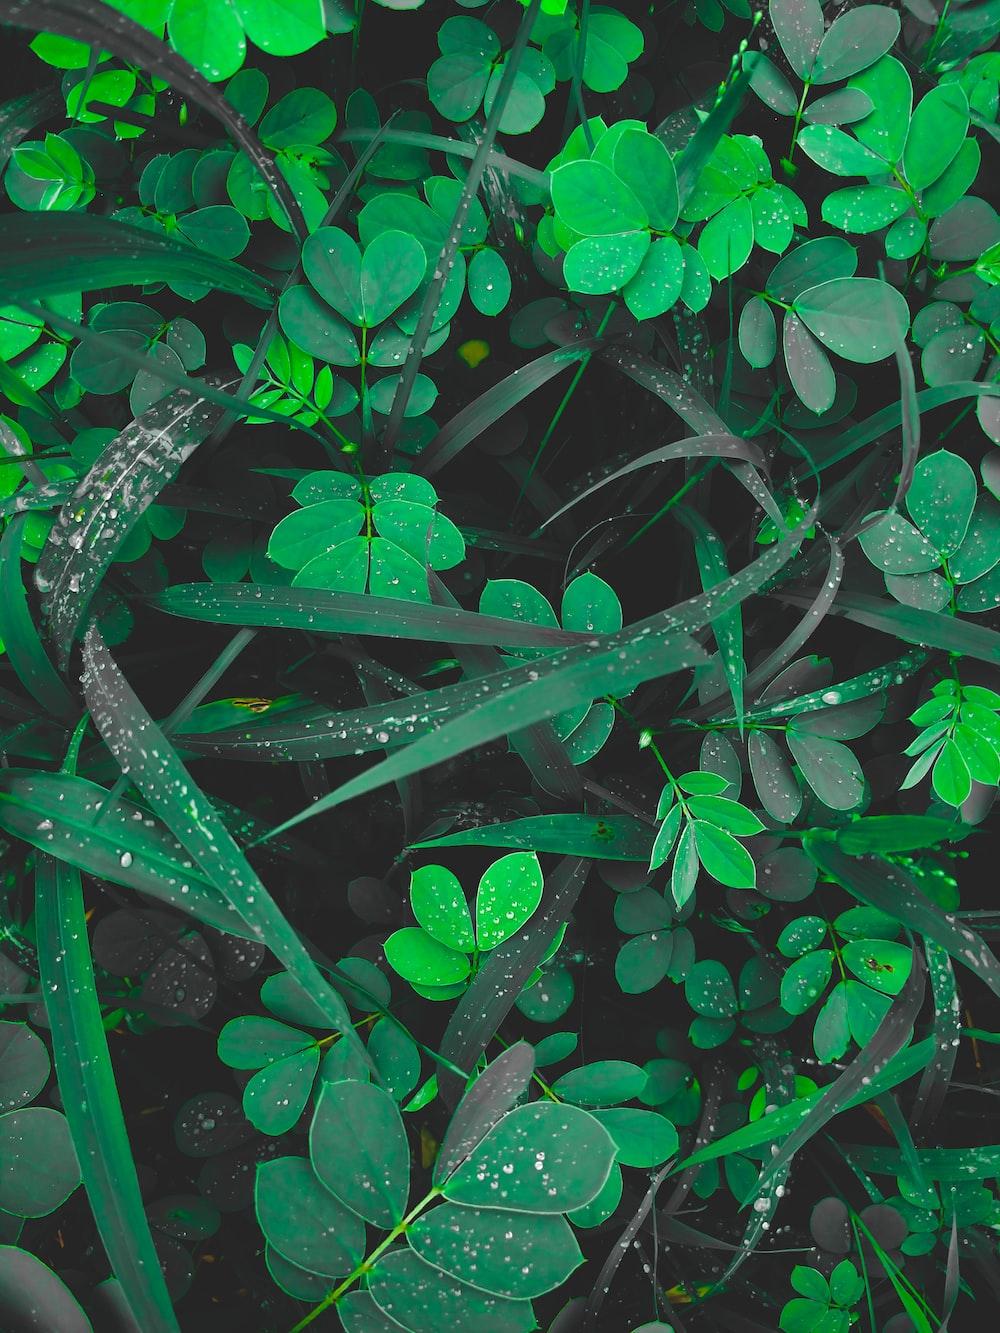 water dews on leaves